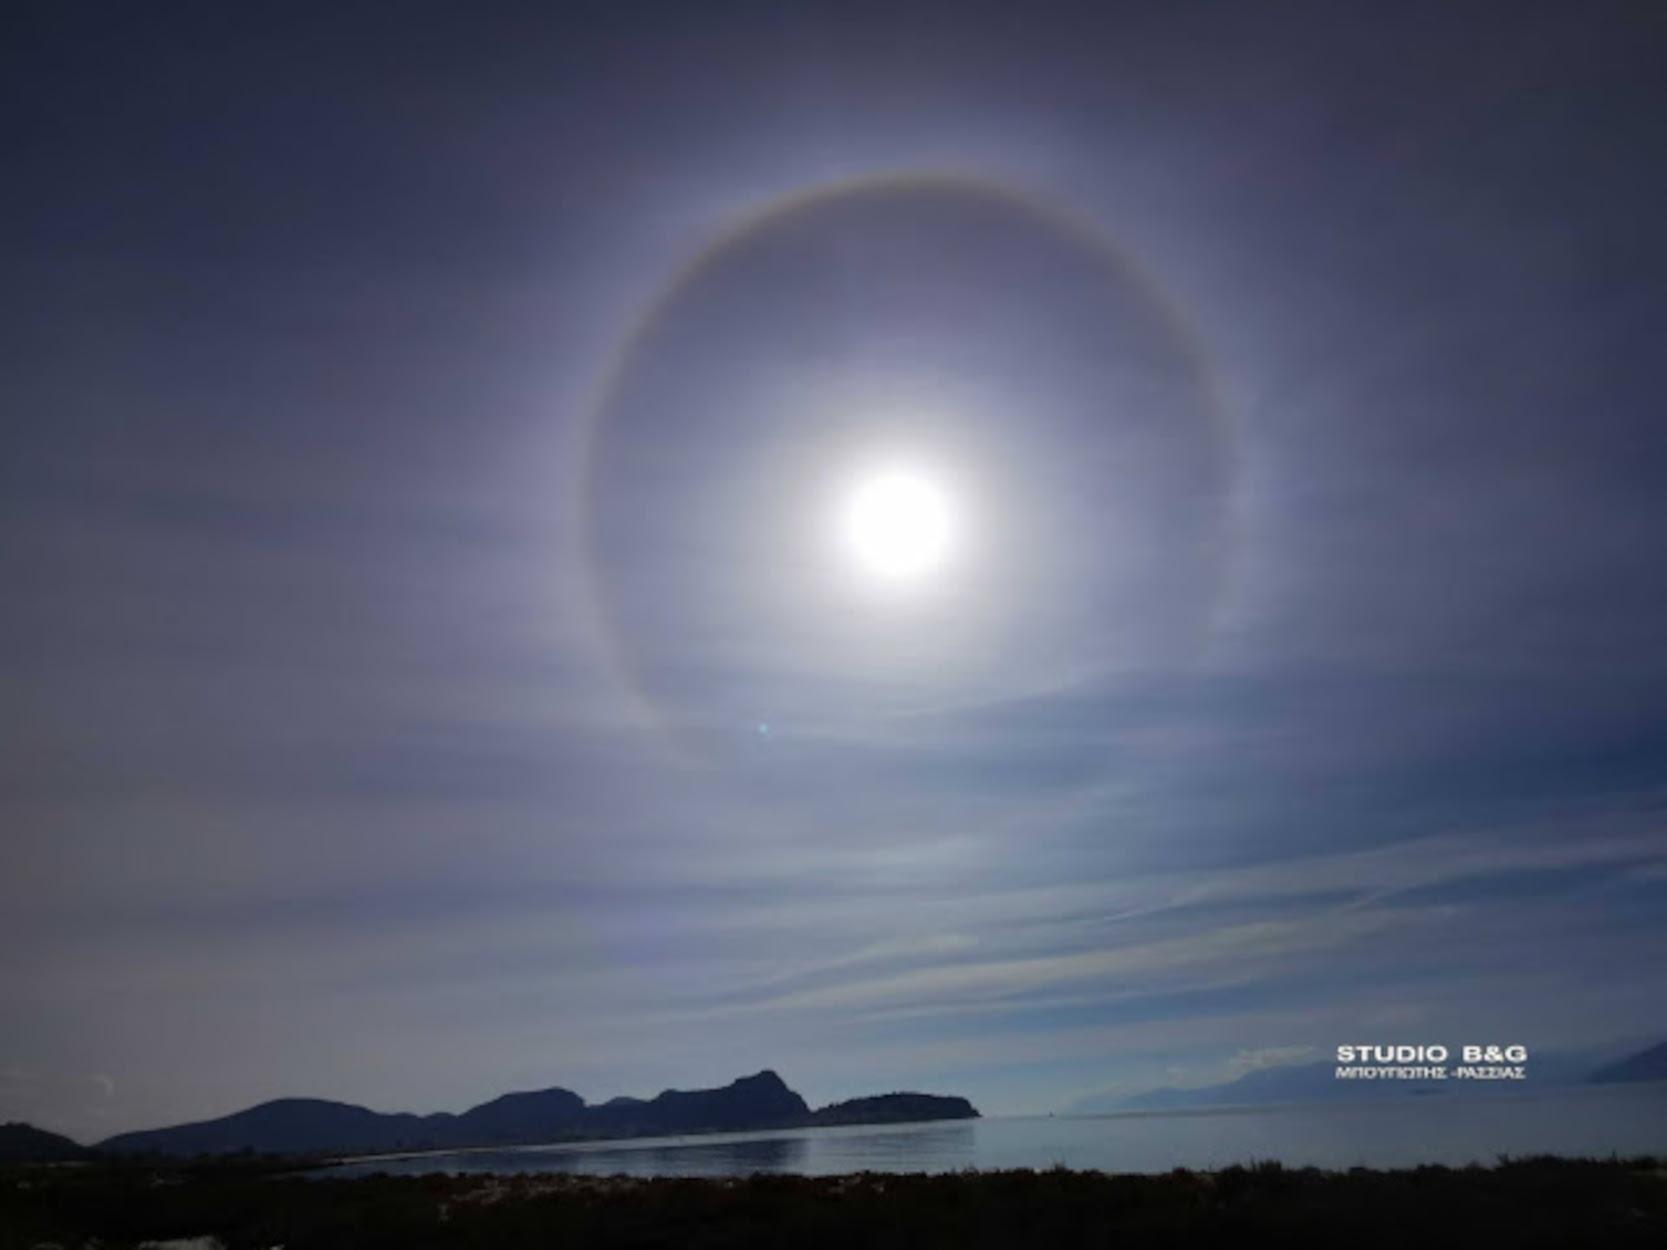 Αργολίδα: Πως λέγεται το εντυπωσιακό φαινόμενο που εμφανίστηκε στον ουρανό (photos)